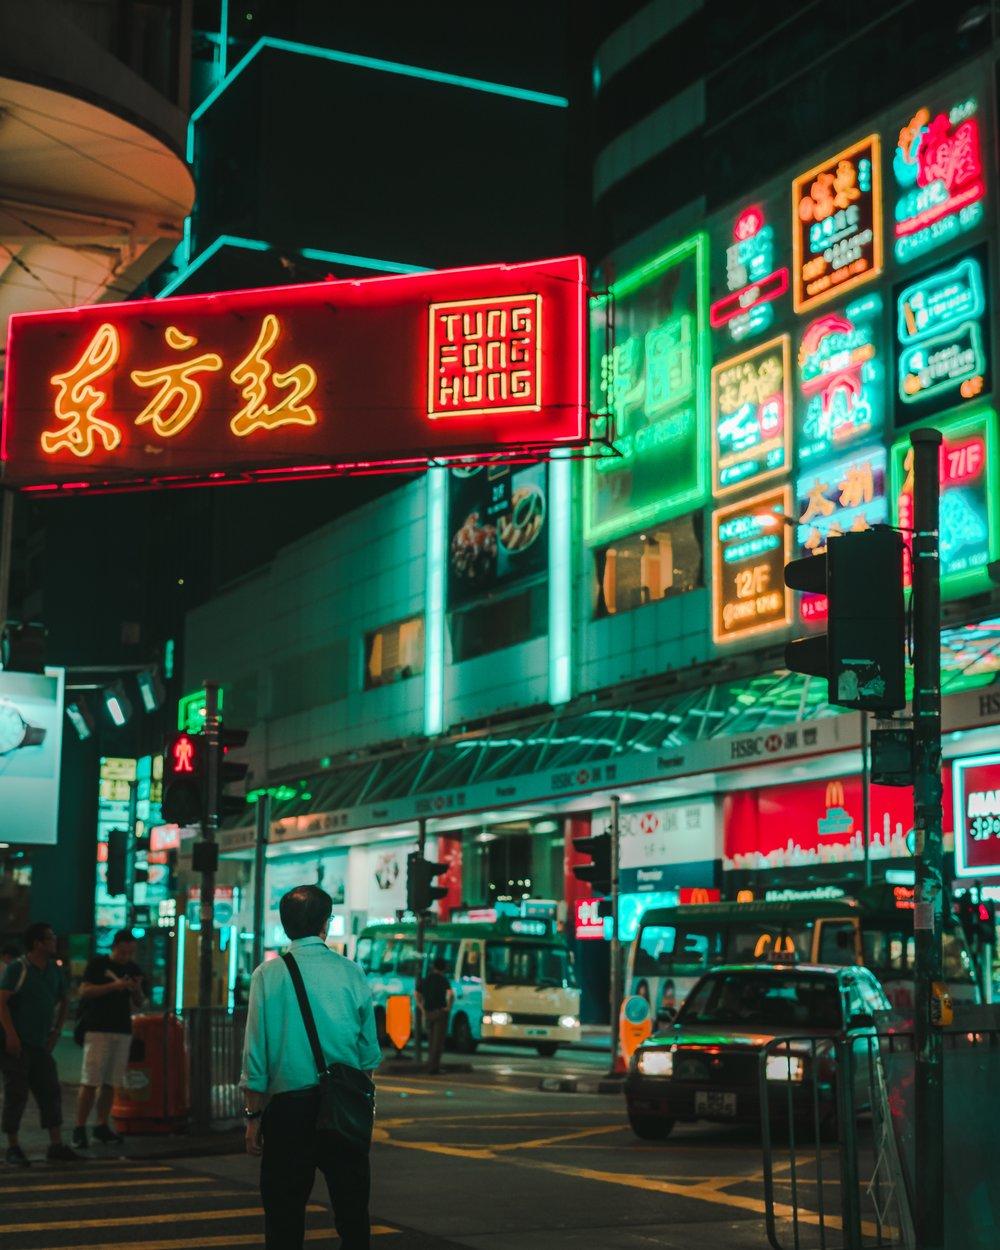 Honk Kong Neon Signs